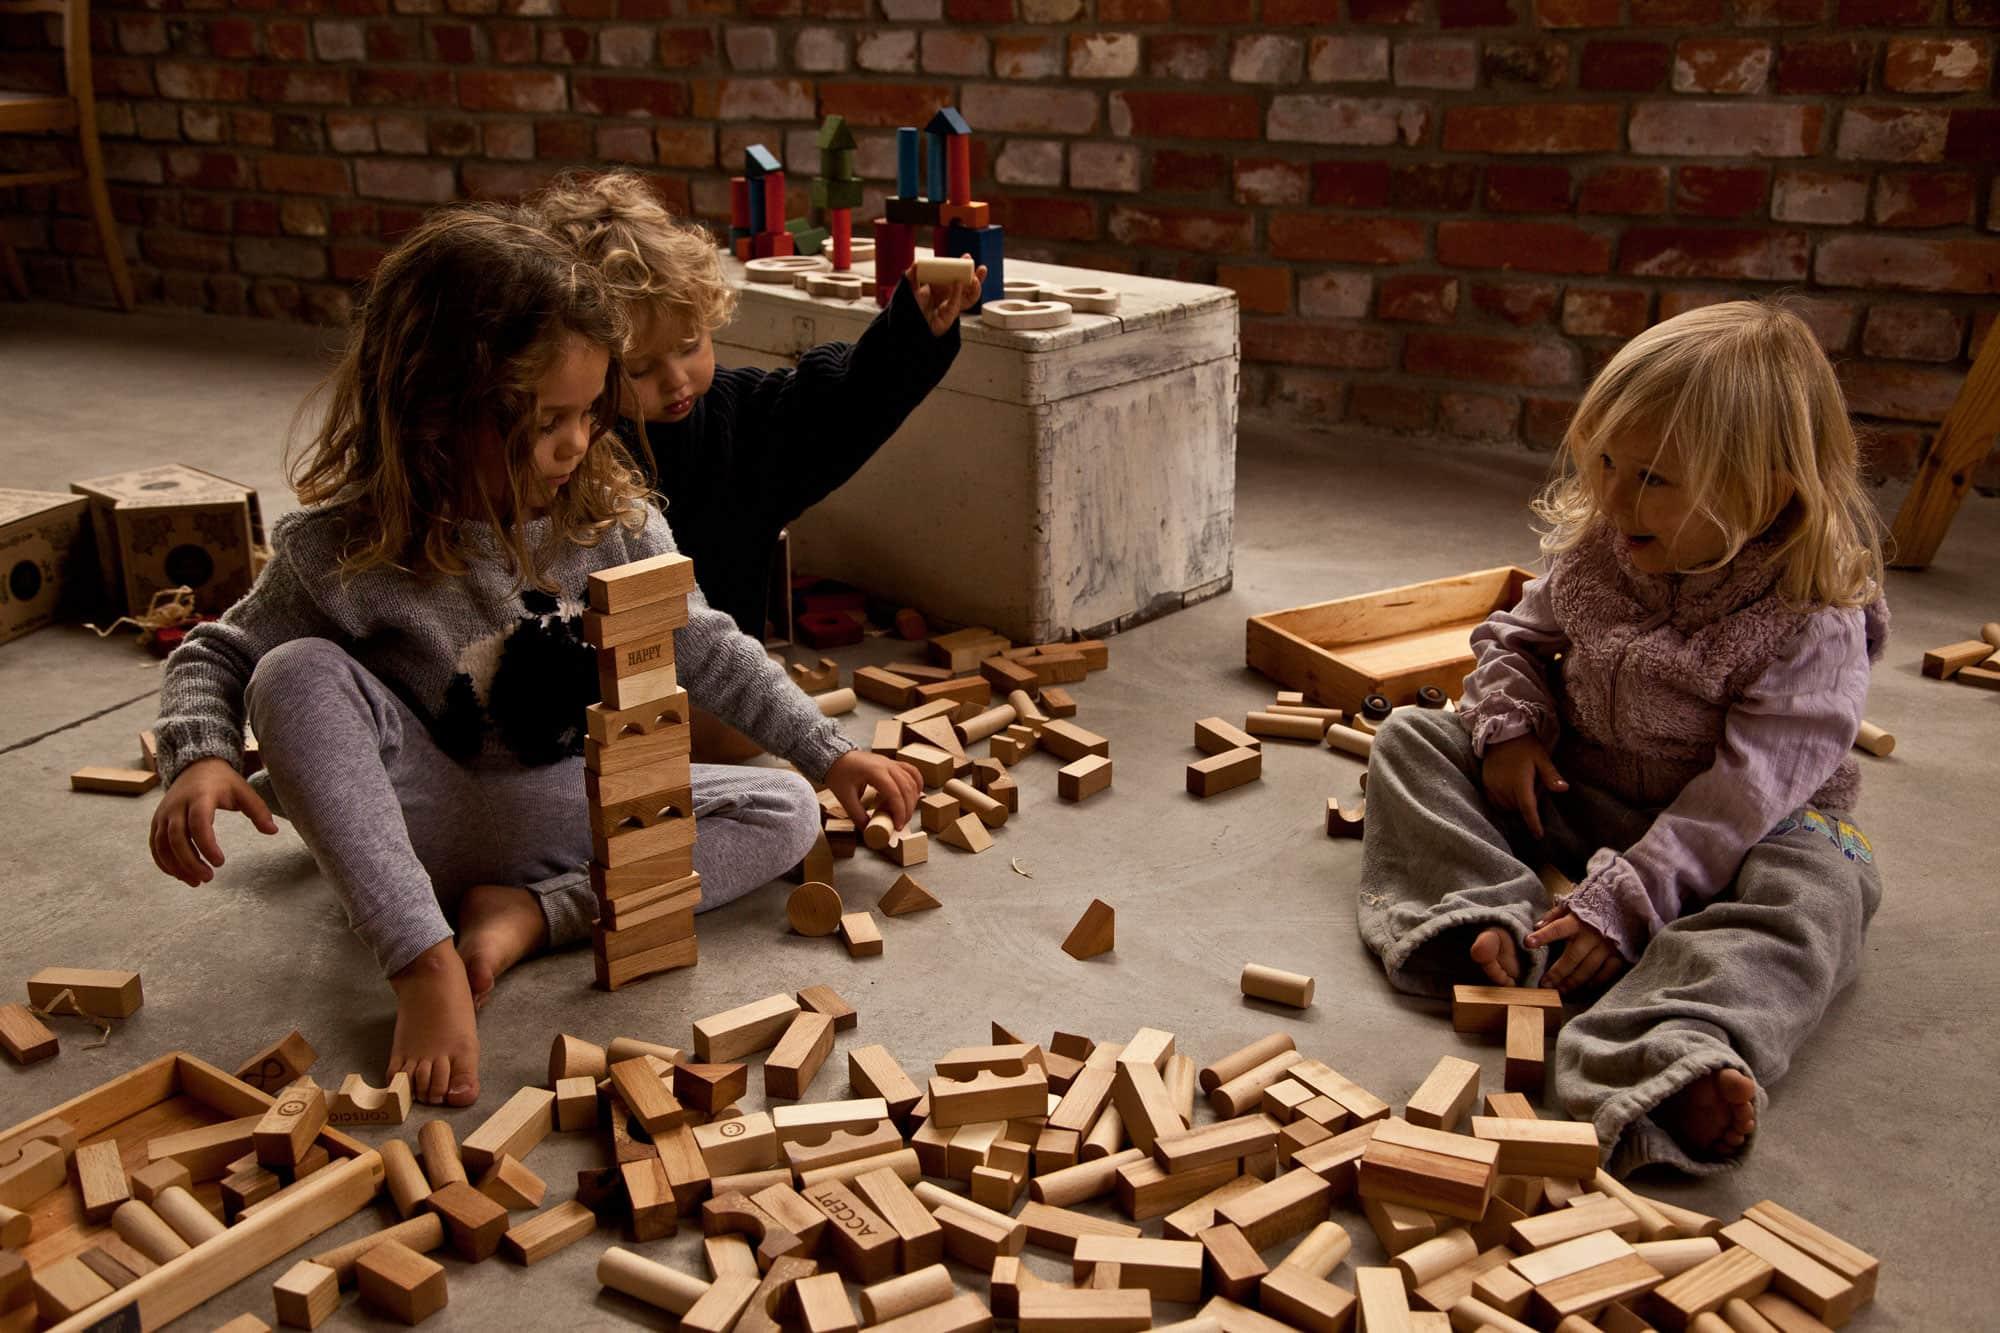 Bloques de madera niños.